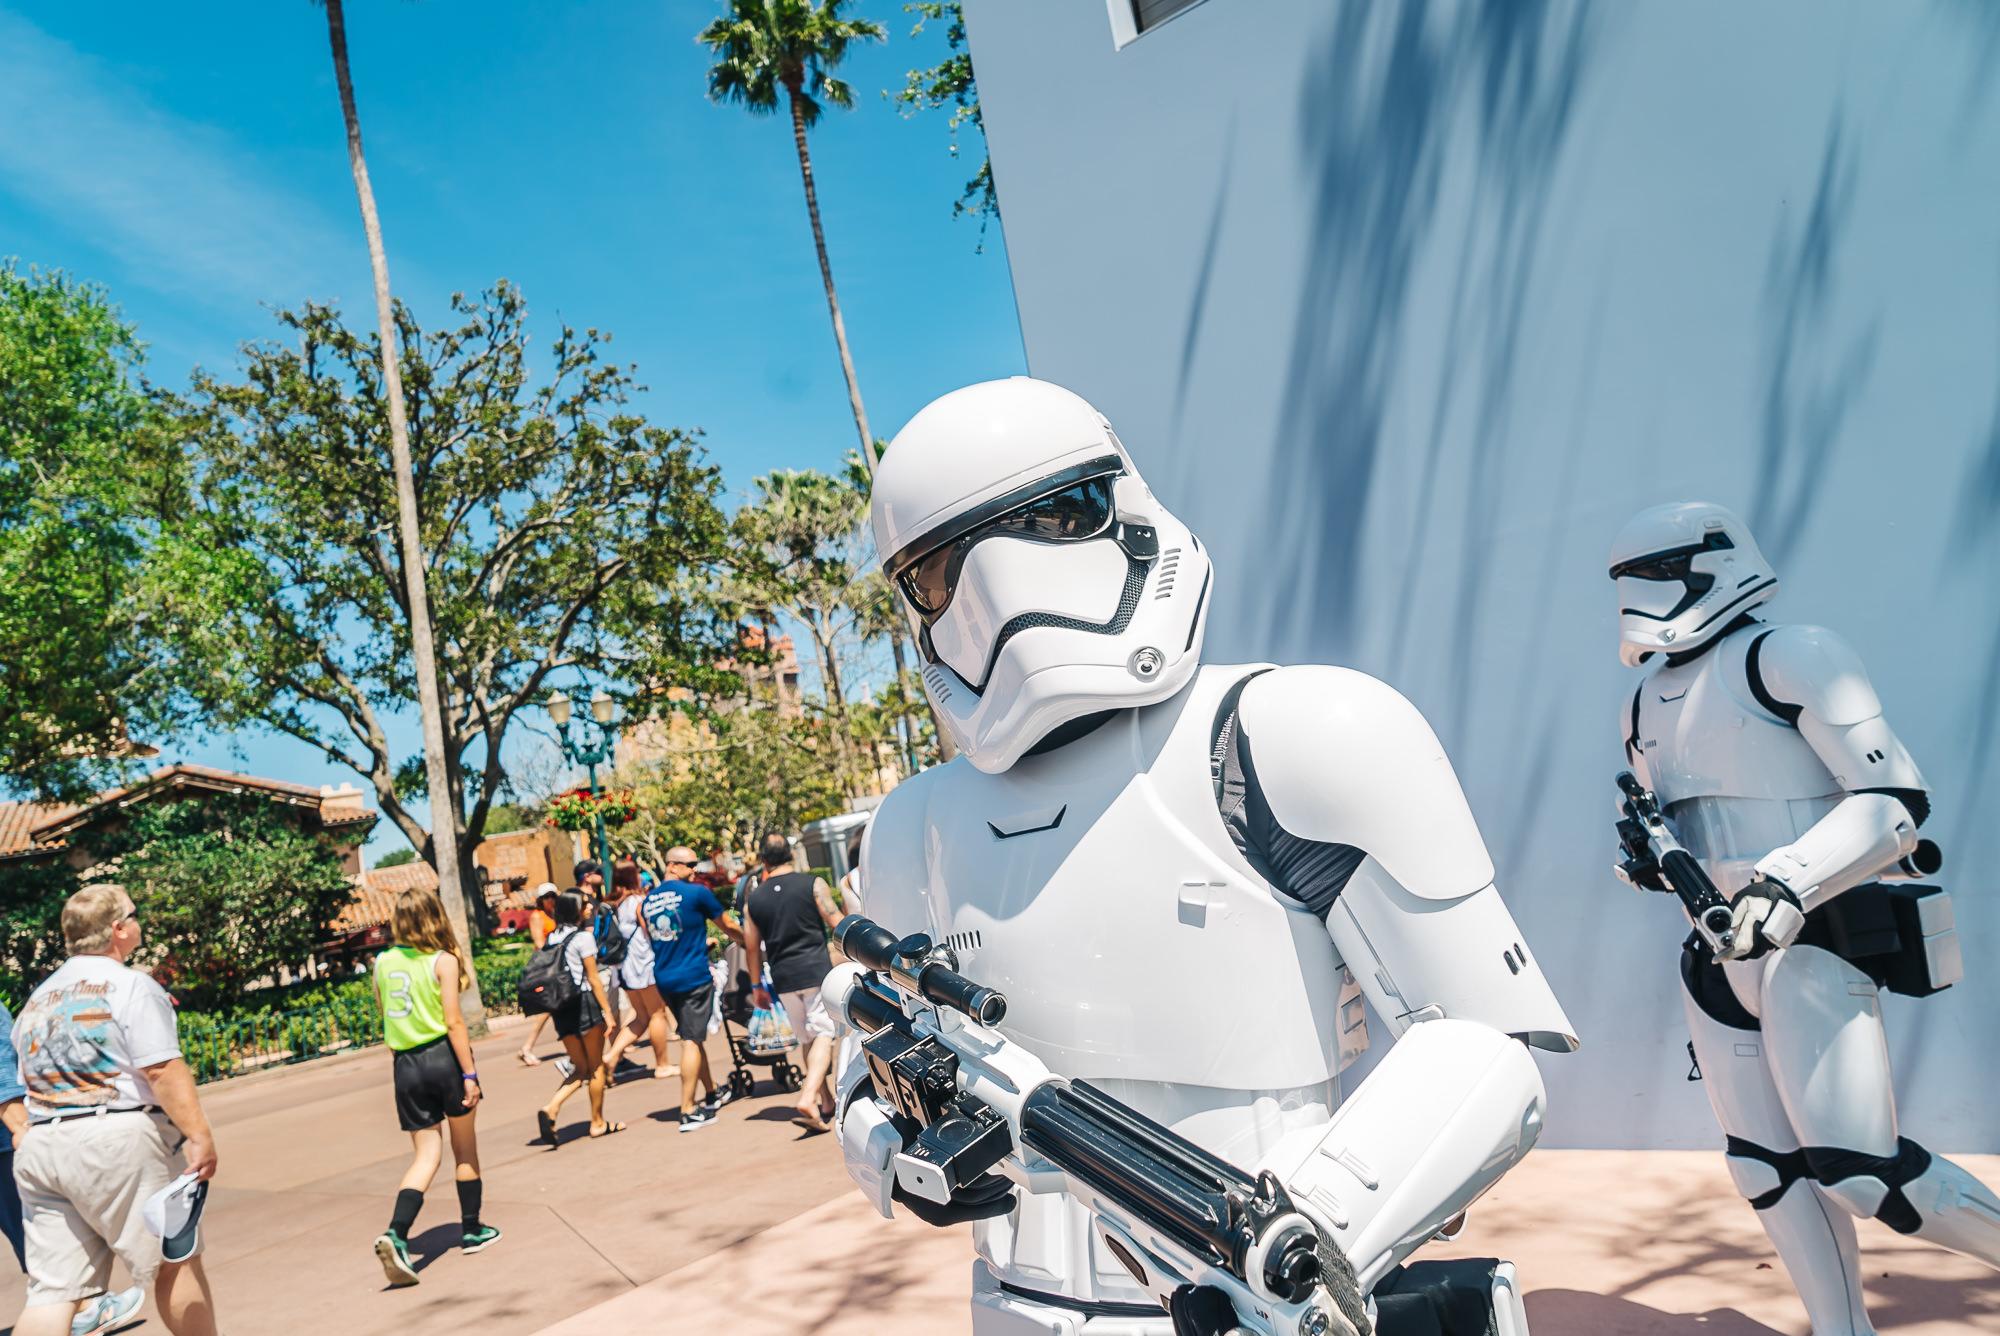 Storm Troopers patrolling Hollywood Studios